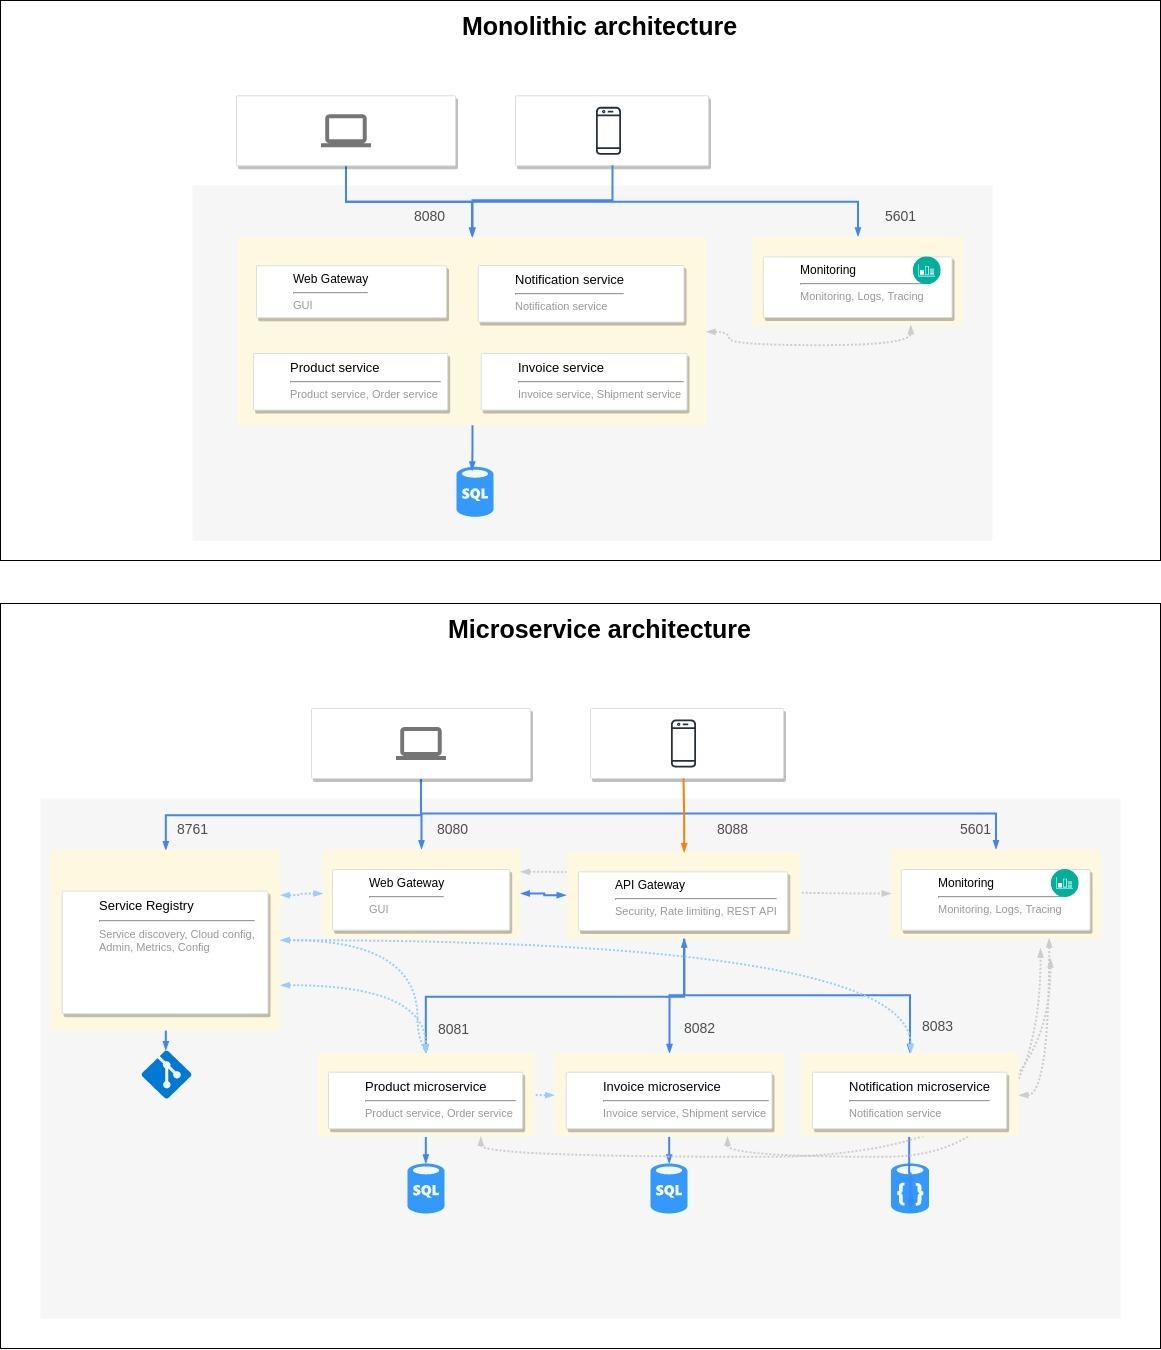 Monolith vs Microservice architecture